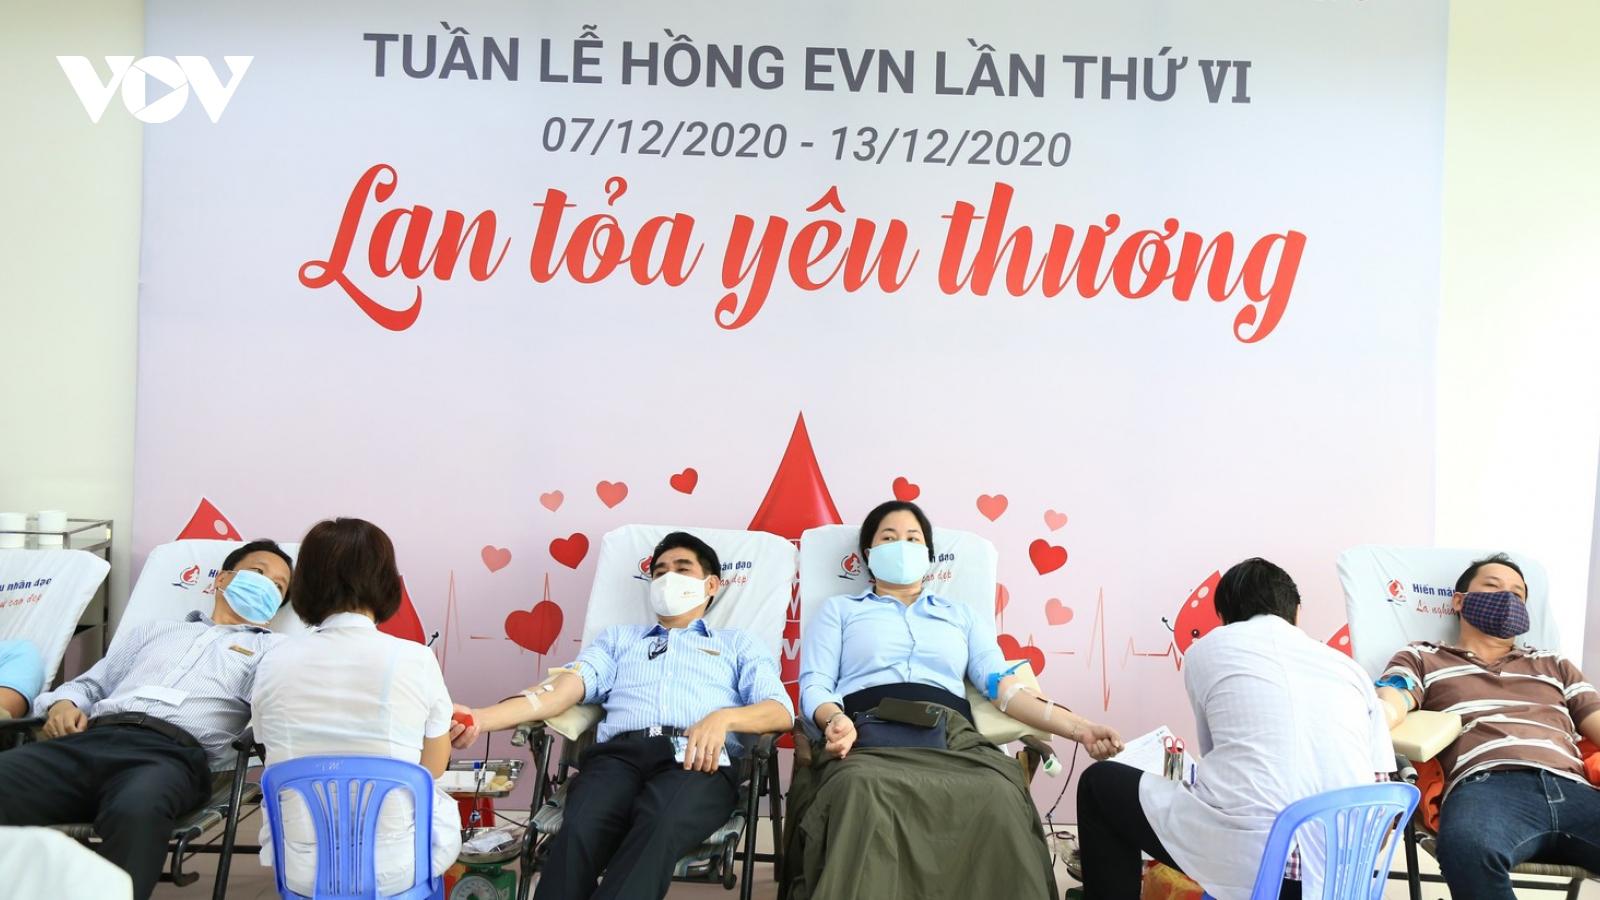 """Hơn 450 người tham gia hiến máu trong """"Tuần lễ hồng EVN lần VI khu vực Đà Nẵng"""""""